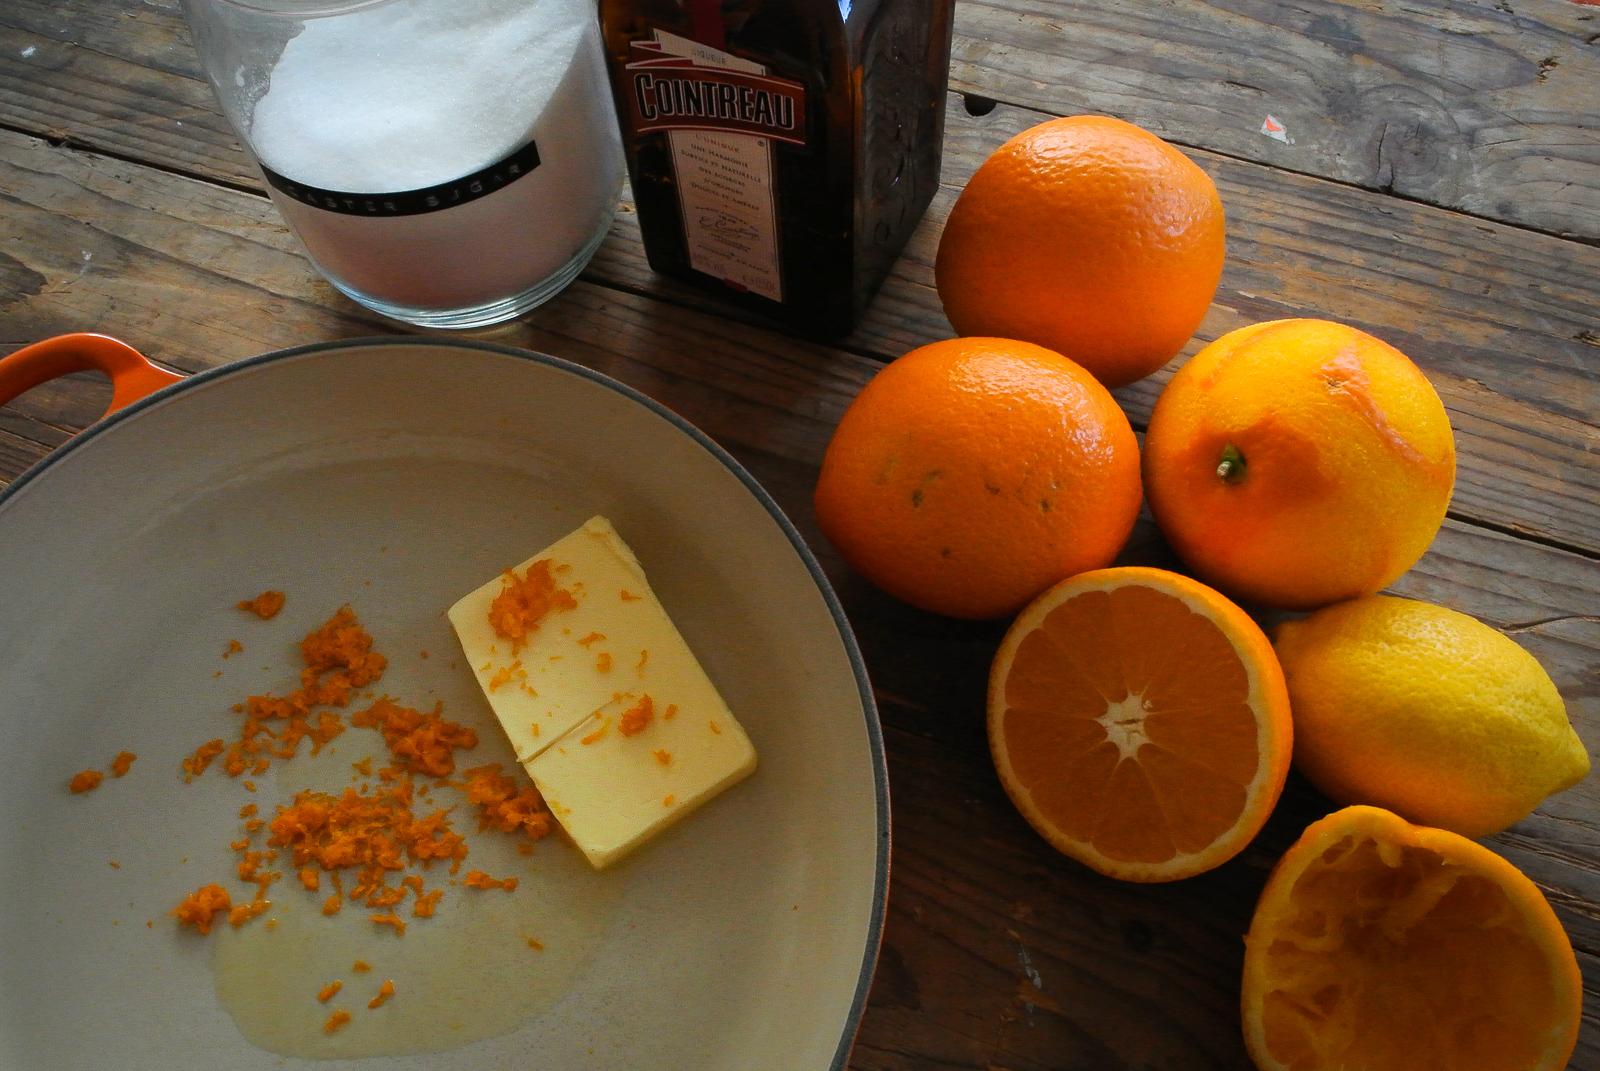 Crêpes Suzette Ingredients - Oranges, Lemon, Caster Sugar, Cointreau, Butter